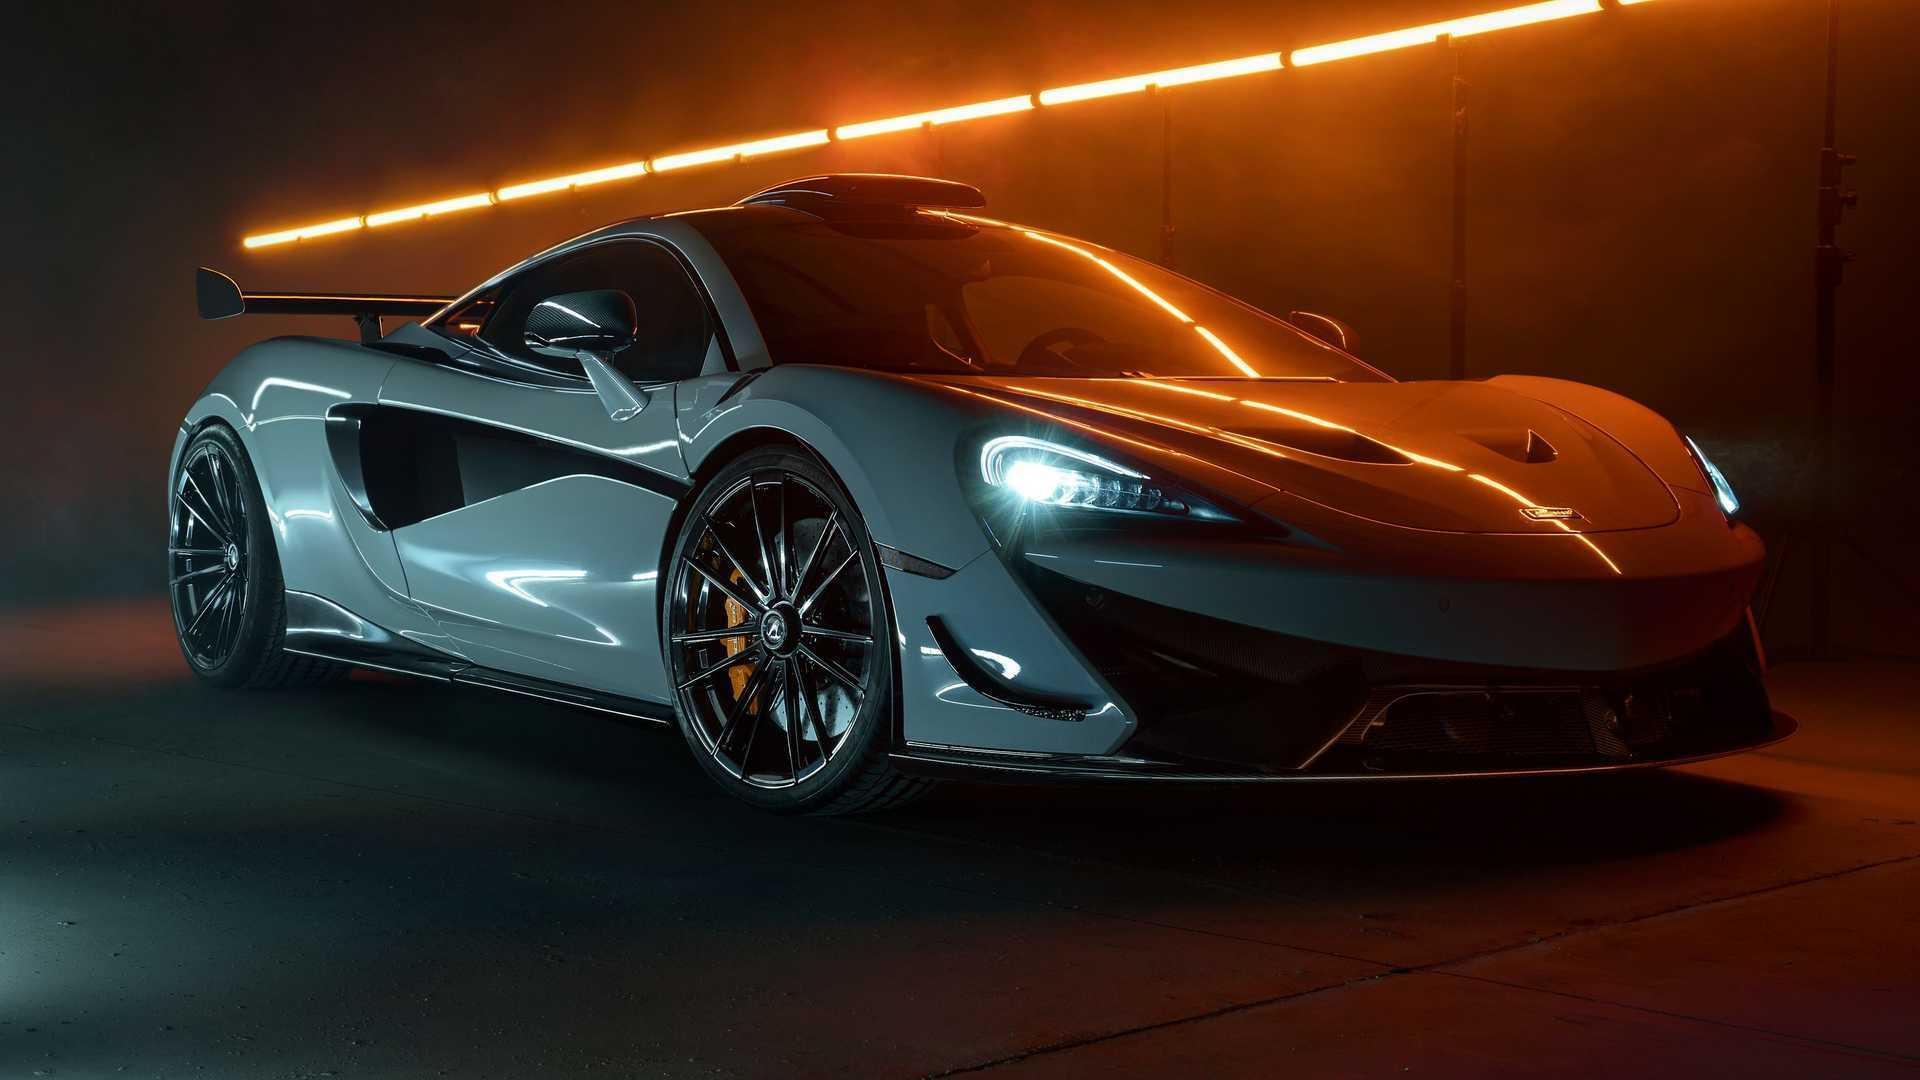 Tampilan mobil McLaren 620R hasil modifikasi oleh Novitec